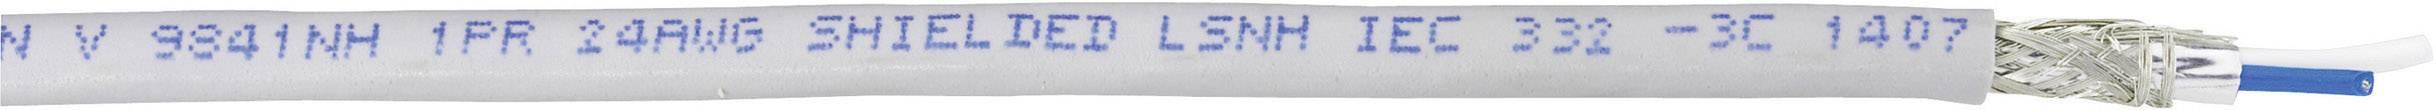 Datový kabel pro RS 485, šedý5,8 mm